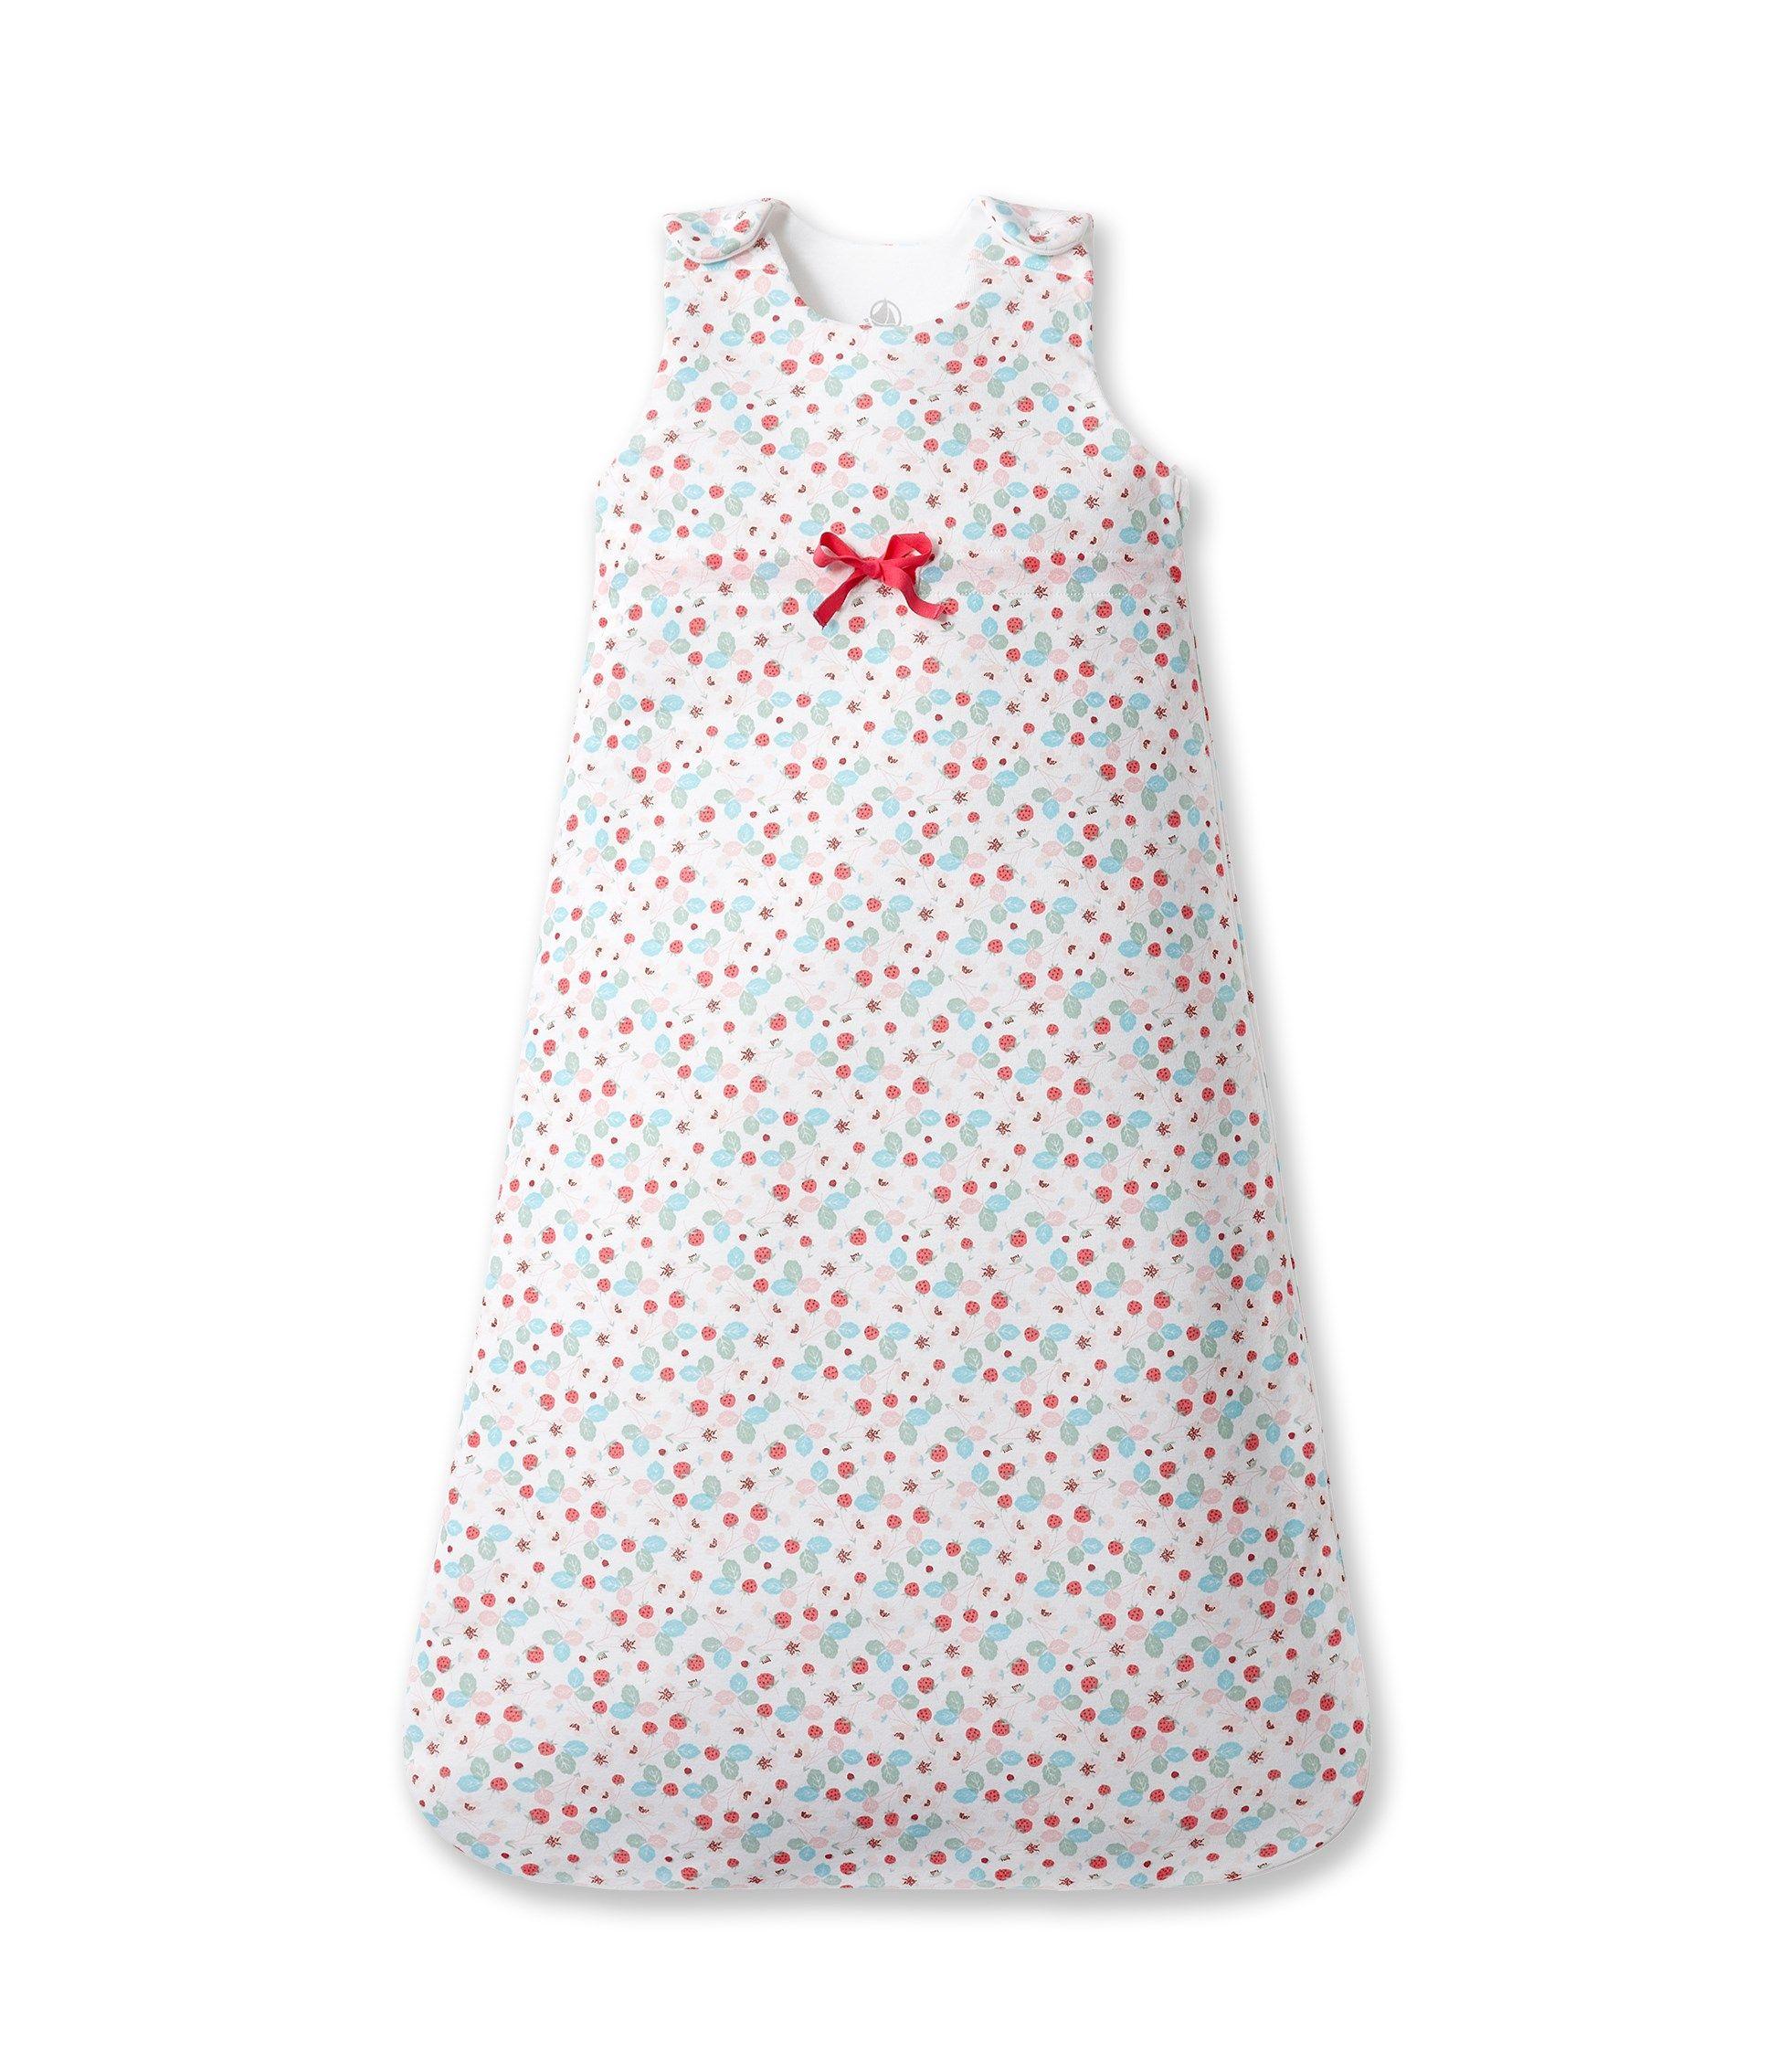 4f9d358adc6 Gigoteuse bébé fille imprimée fraises Blanc - Petit Bateau ...